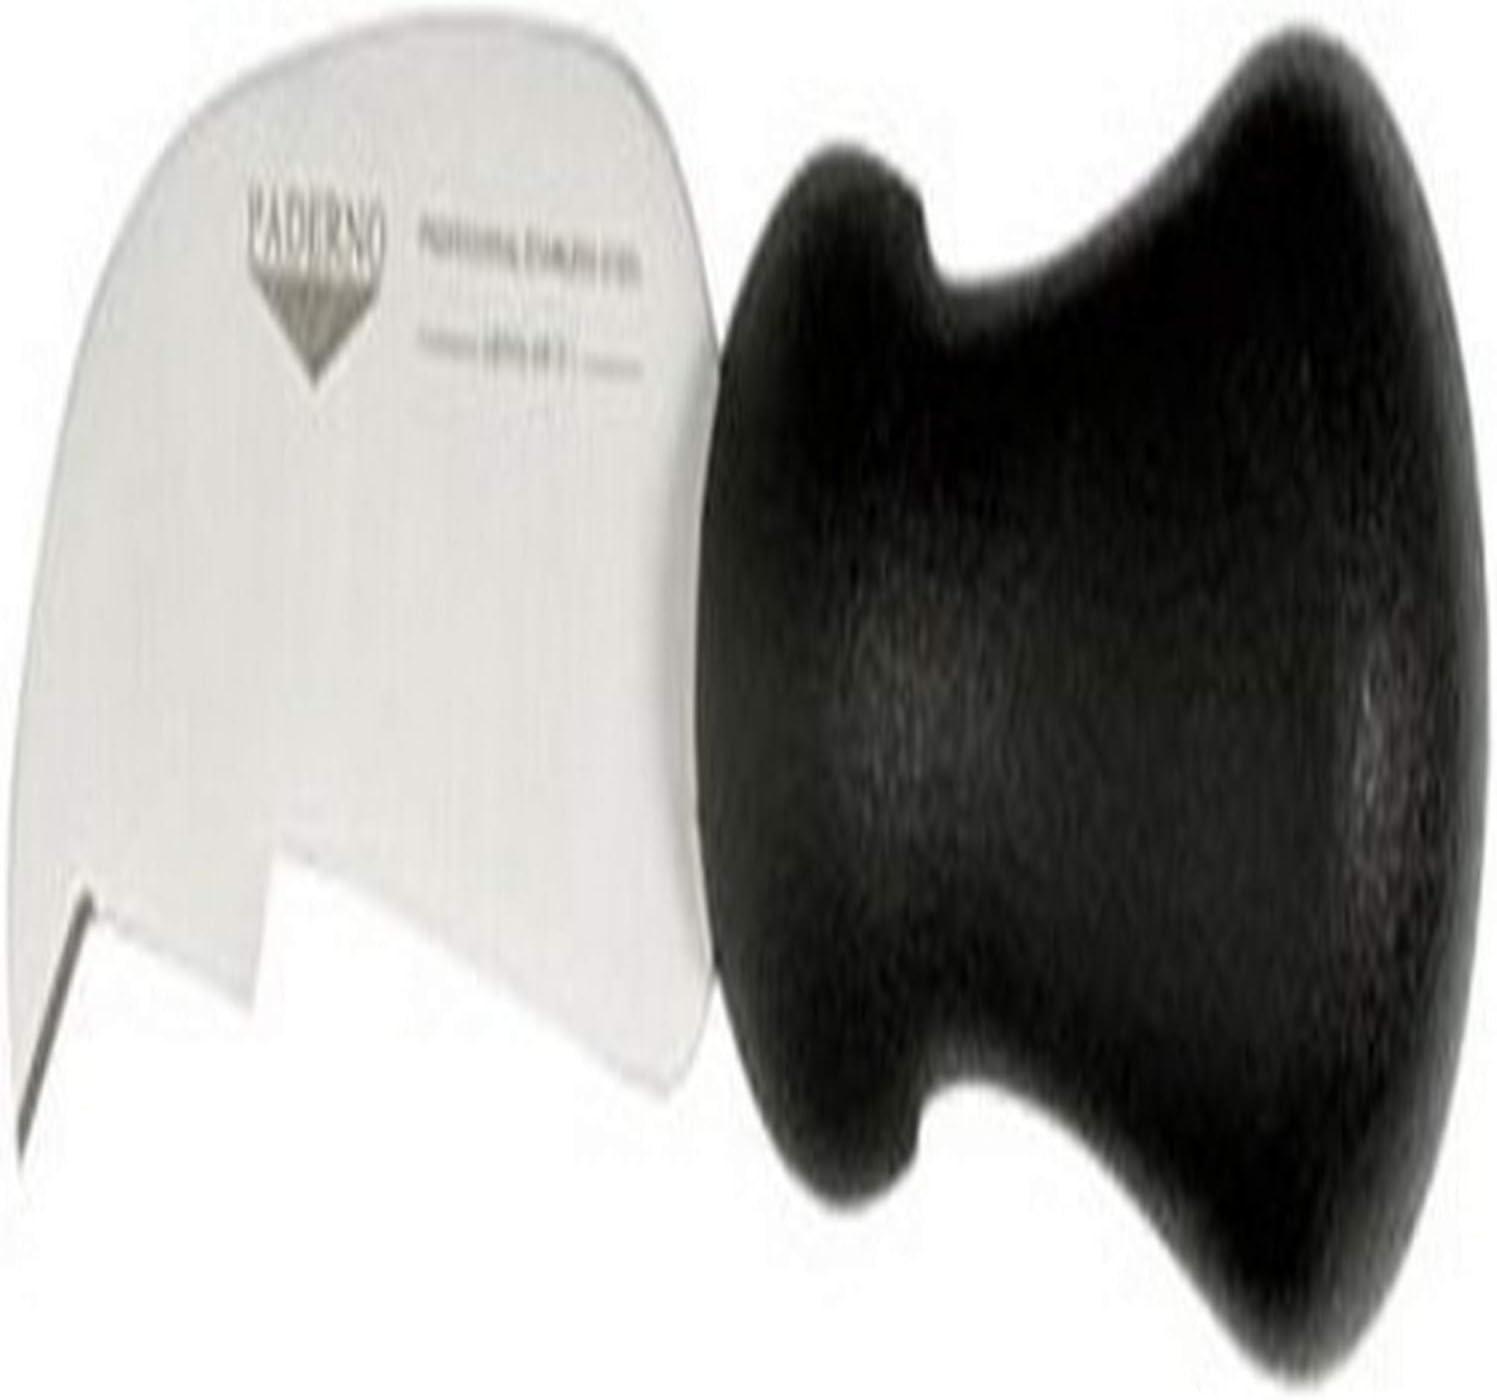 PADERNO 18206-09 Coltello Segnaforme 9 cm in Acciaio